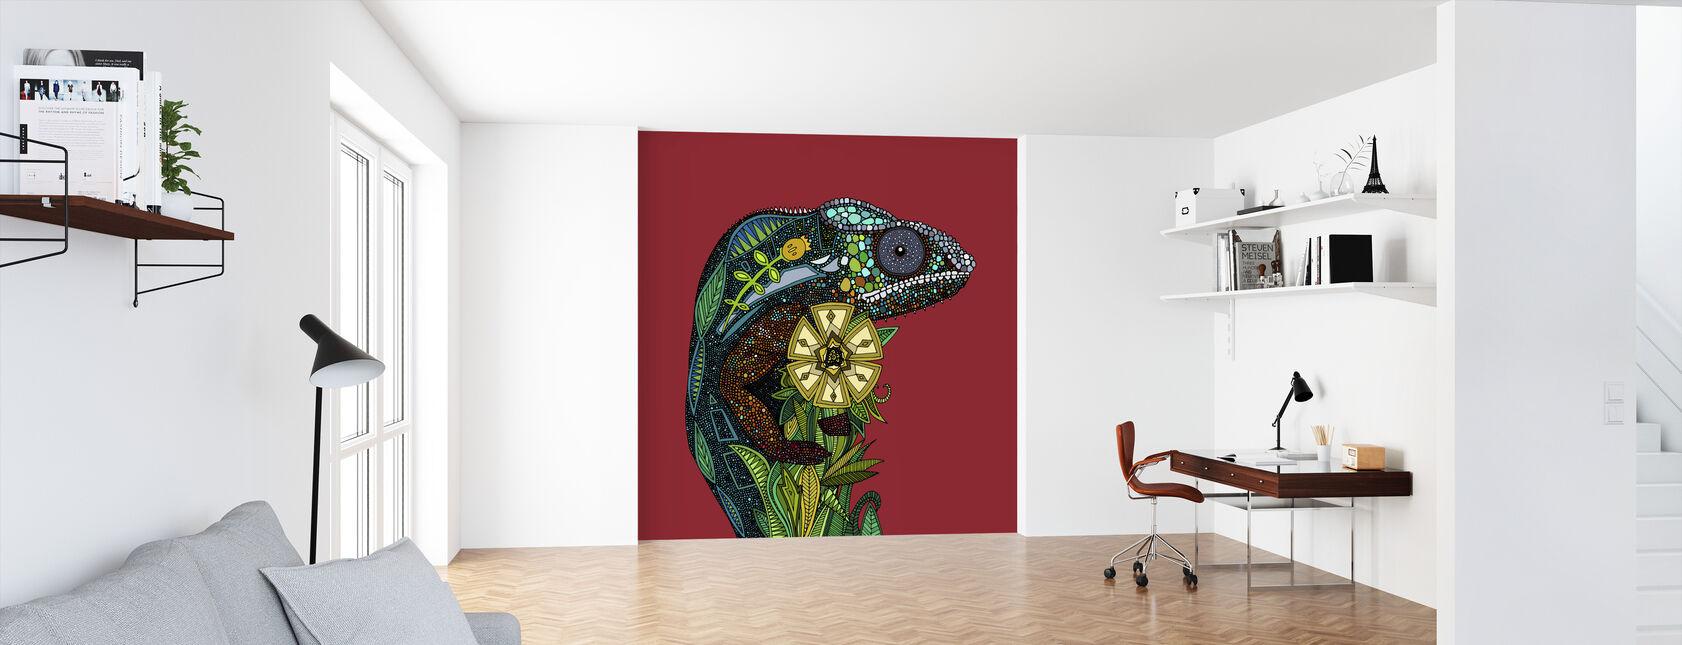 Chameleon - Wallpaper - Office